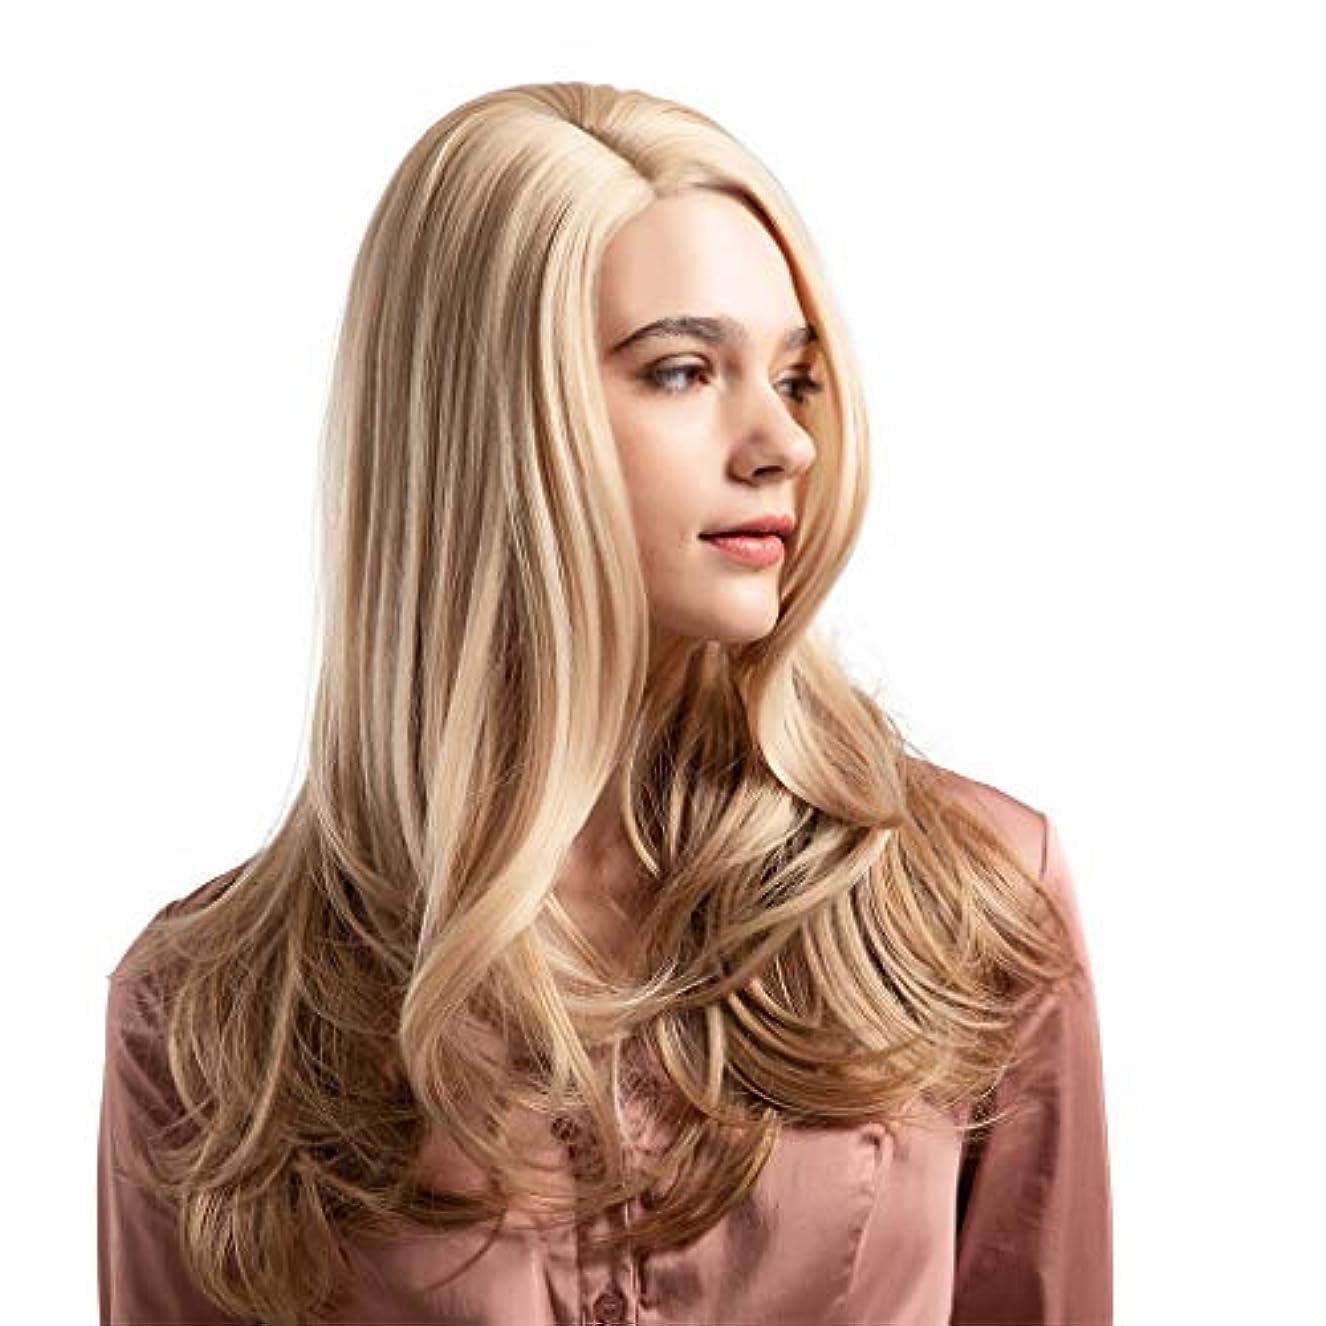 エゴイズムオープナーファッションウィッグ女性黄金の大きな波状の巻き毛の高温シルクウィッグ22インチ